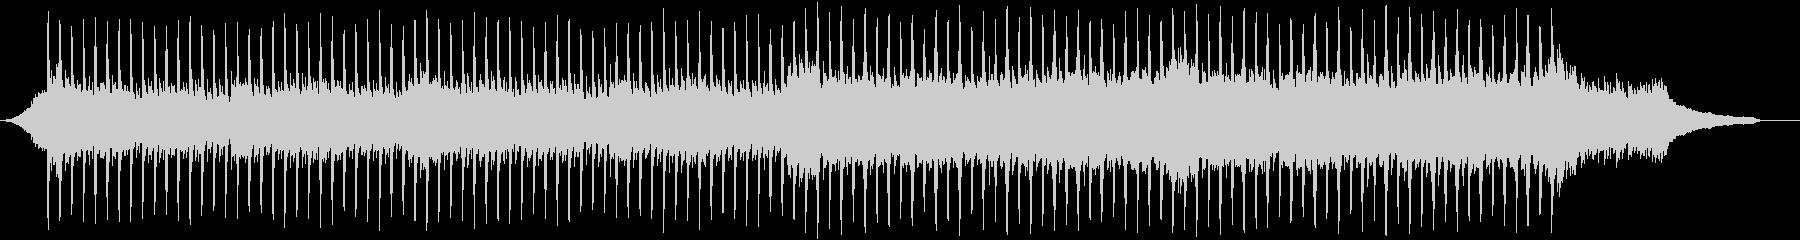 企業VP系78、爽やかピアノ、4つ打ちbの未再生の波形